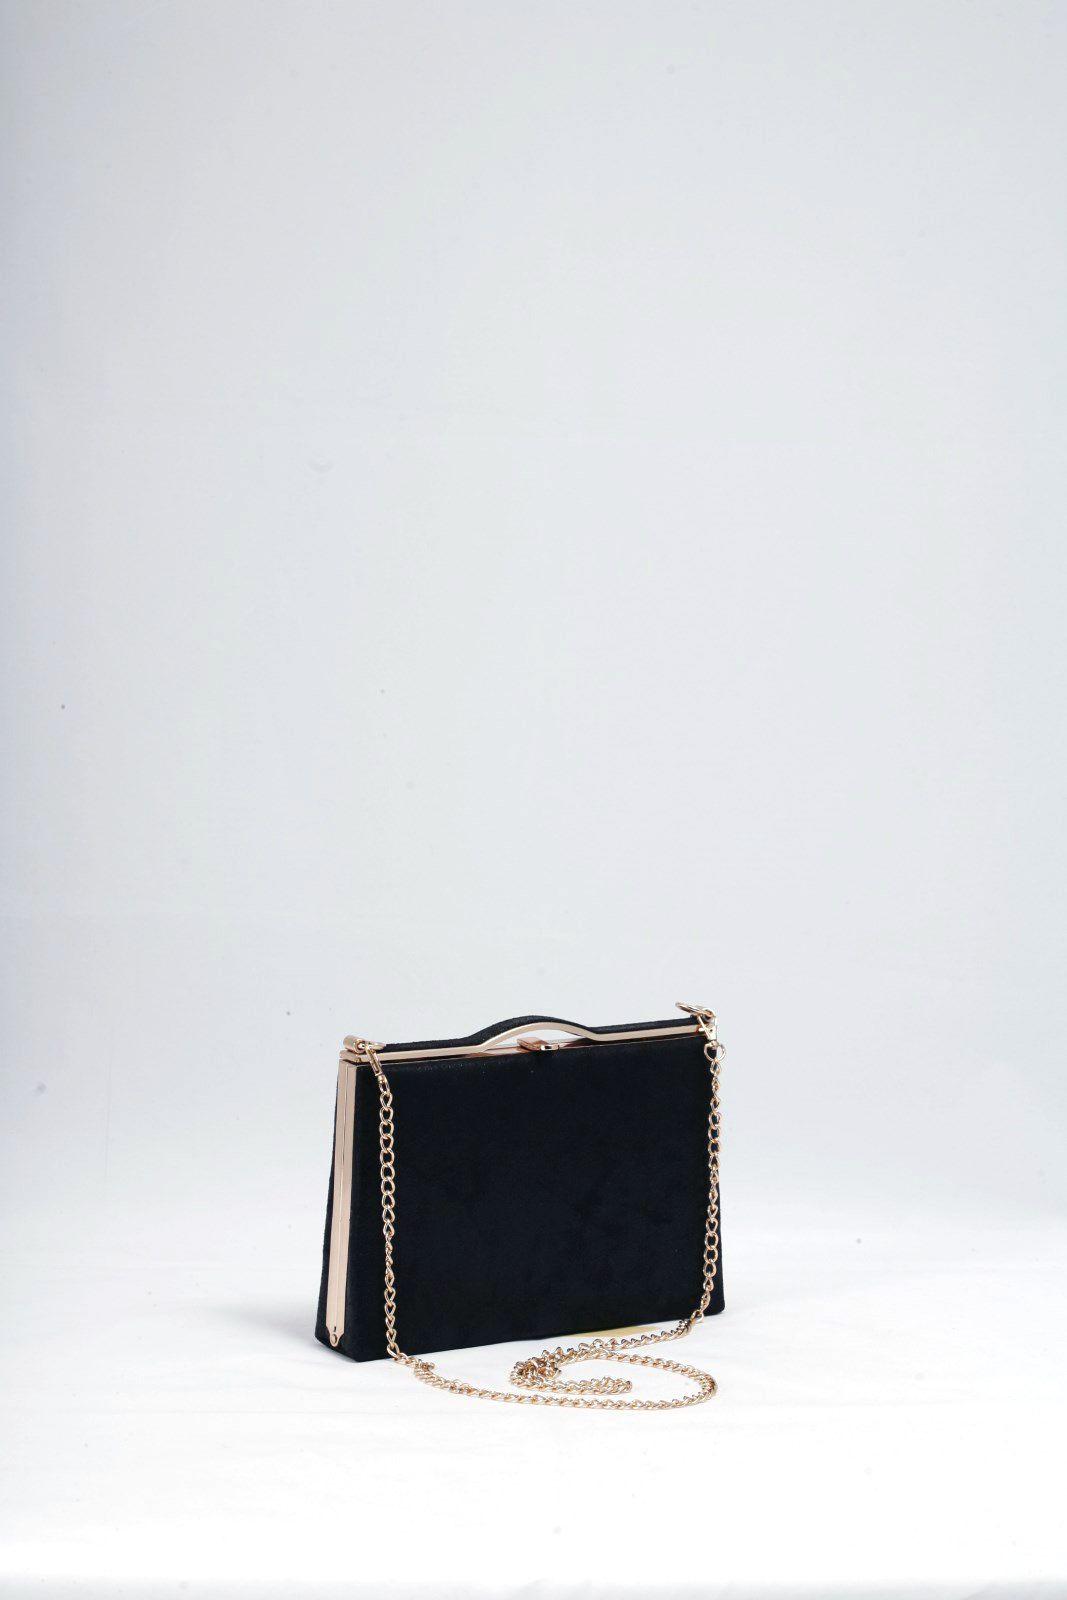 22bf5a8085 Τσάντα φάκελος μαύρος